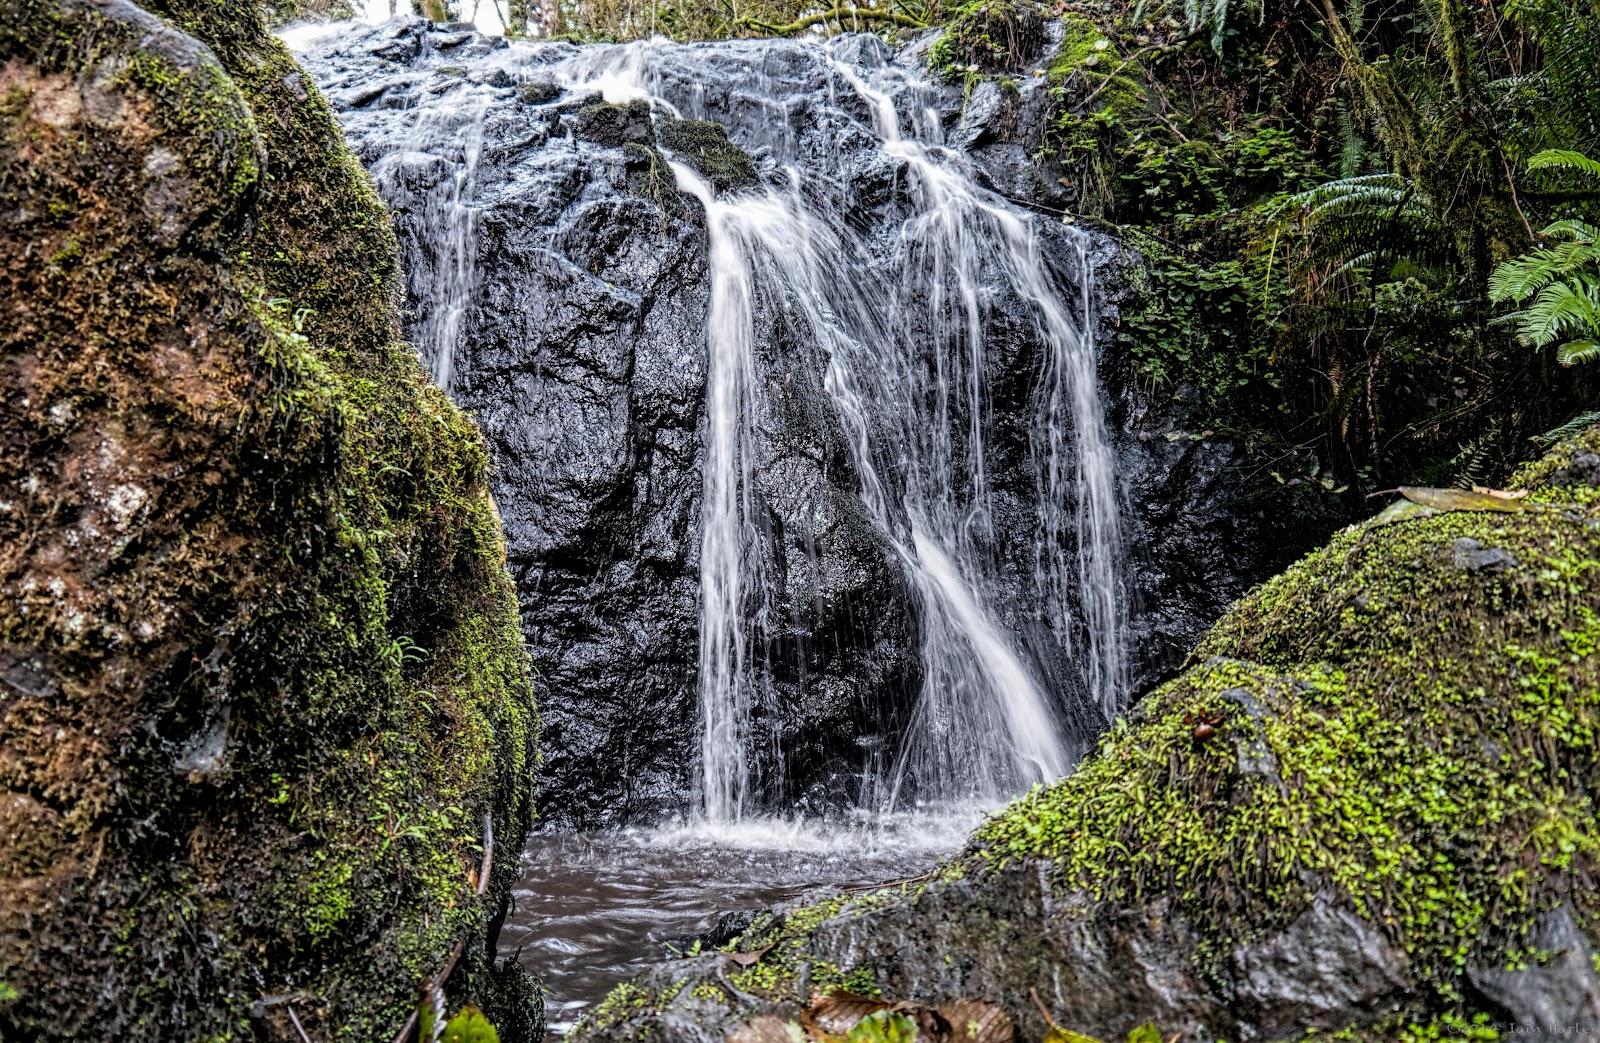 Falls Framed by Rocks